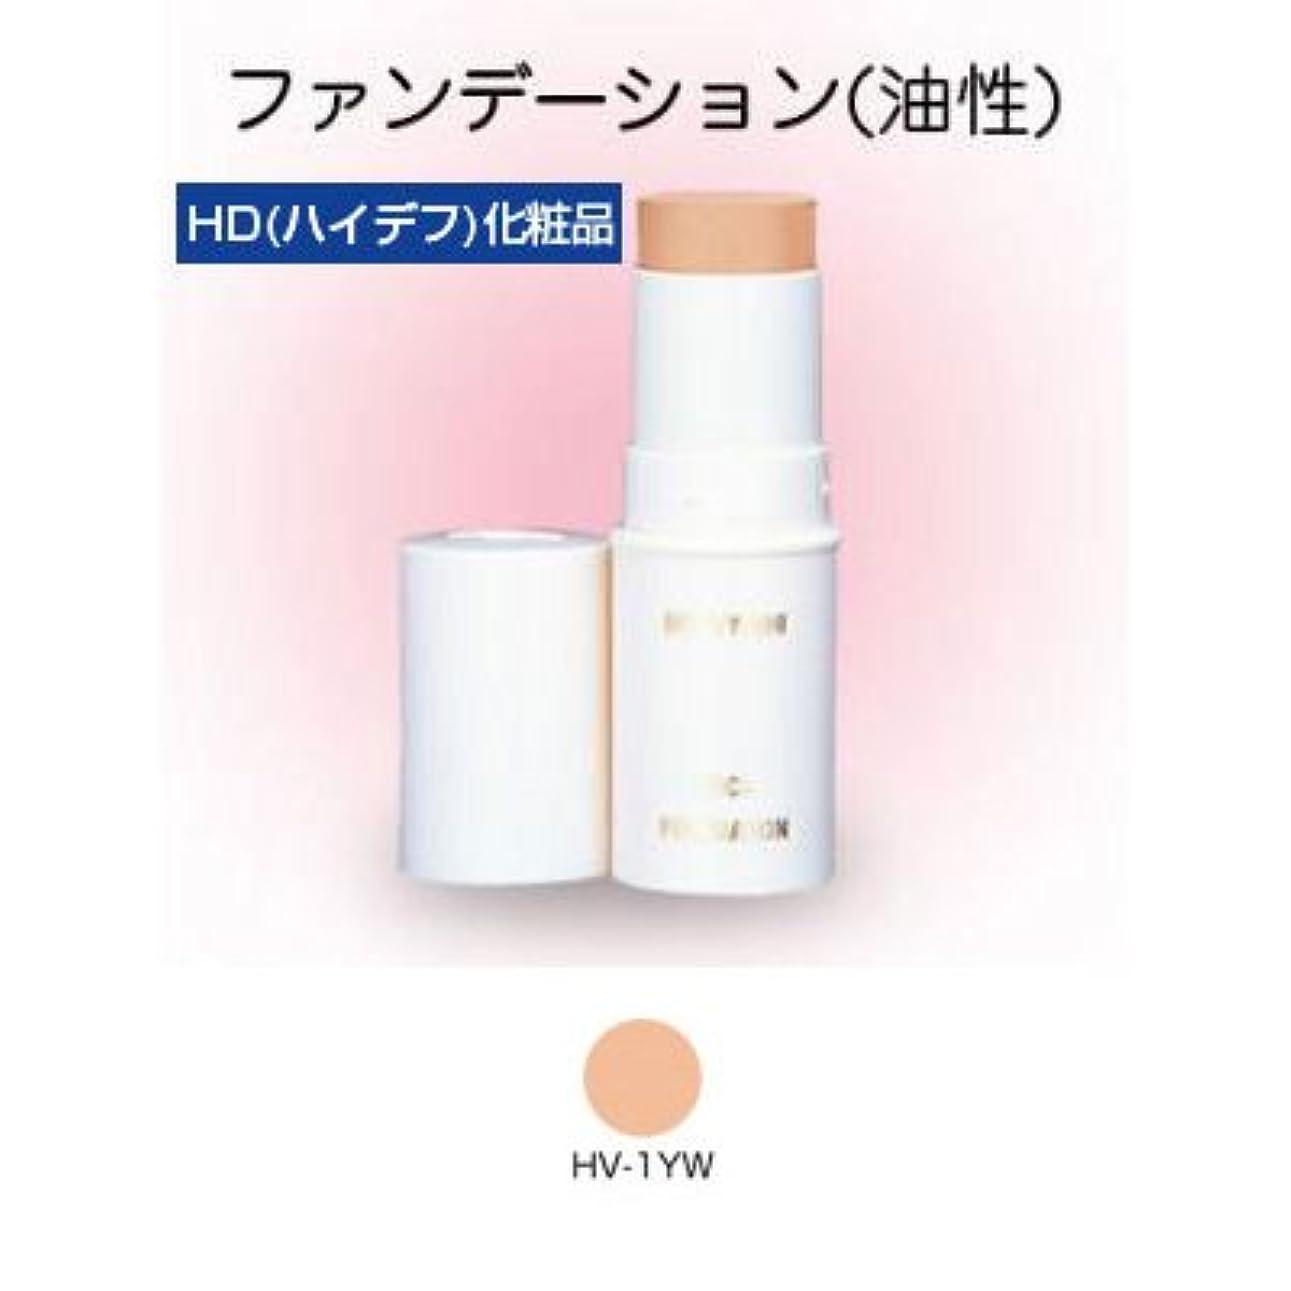 立法形容詞原子炉スティックファンデーション HD化粧品 17g 1YW 【三善】